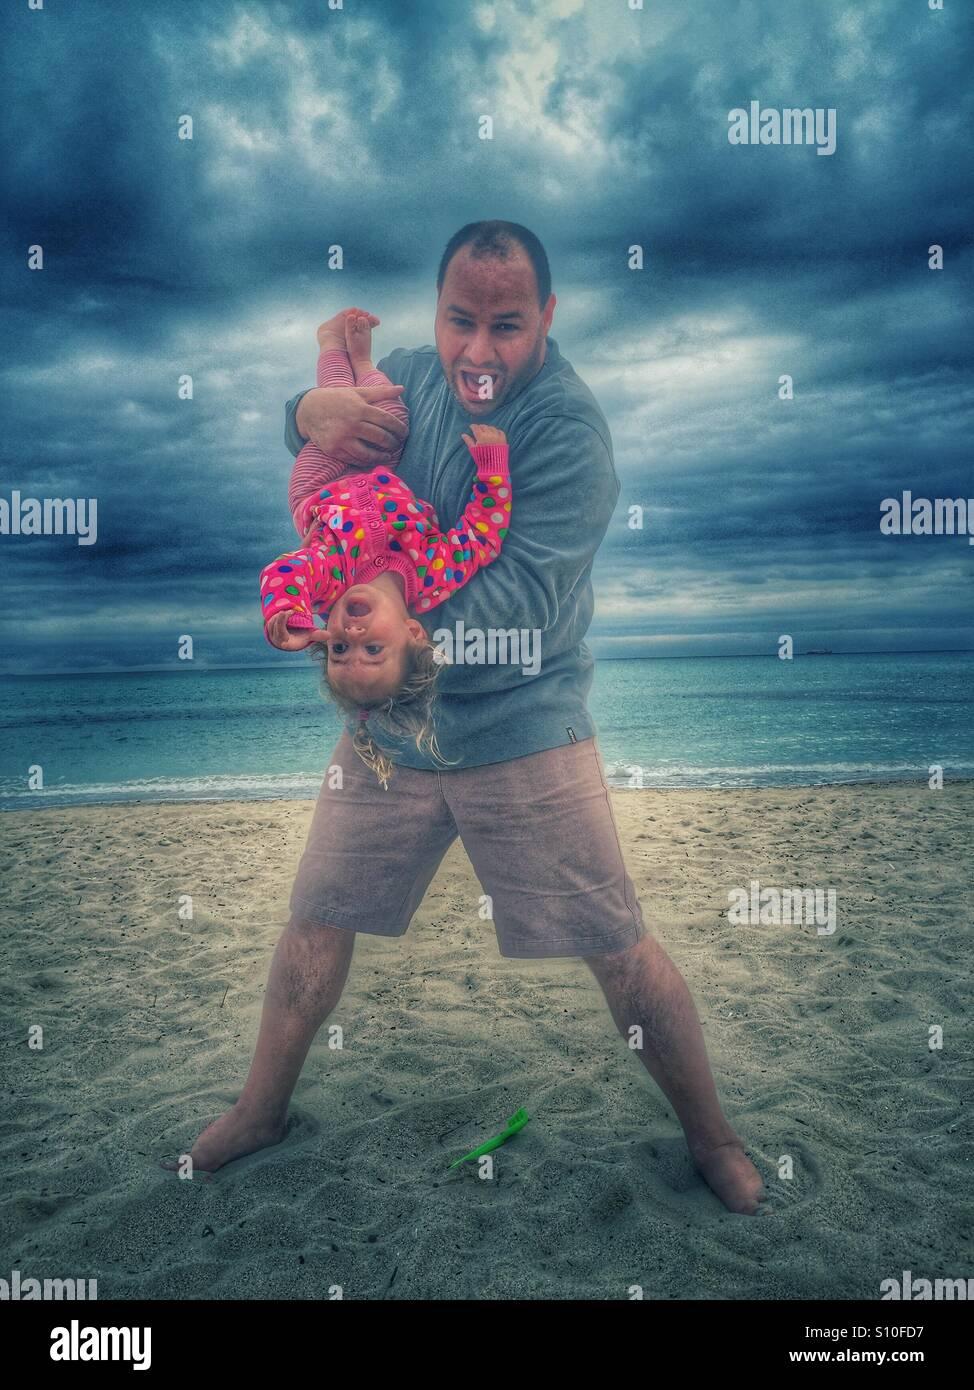 Il padre e la bambina giocando sulla spiaggia Immagini Stock